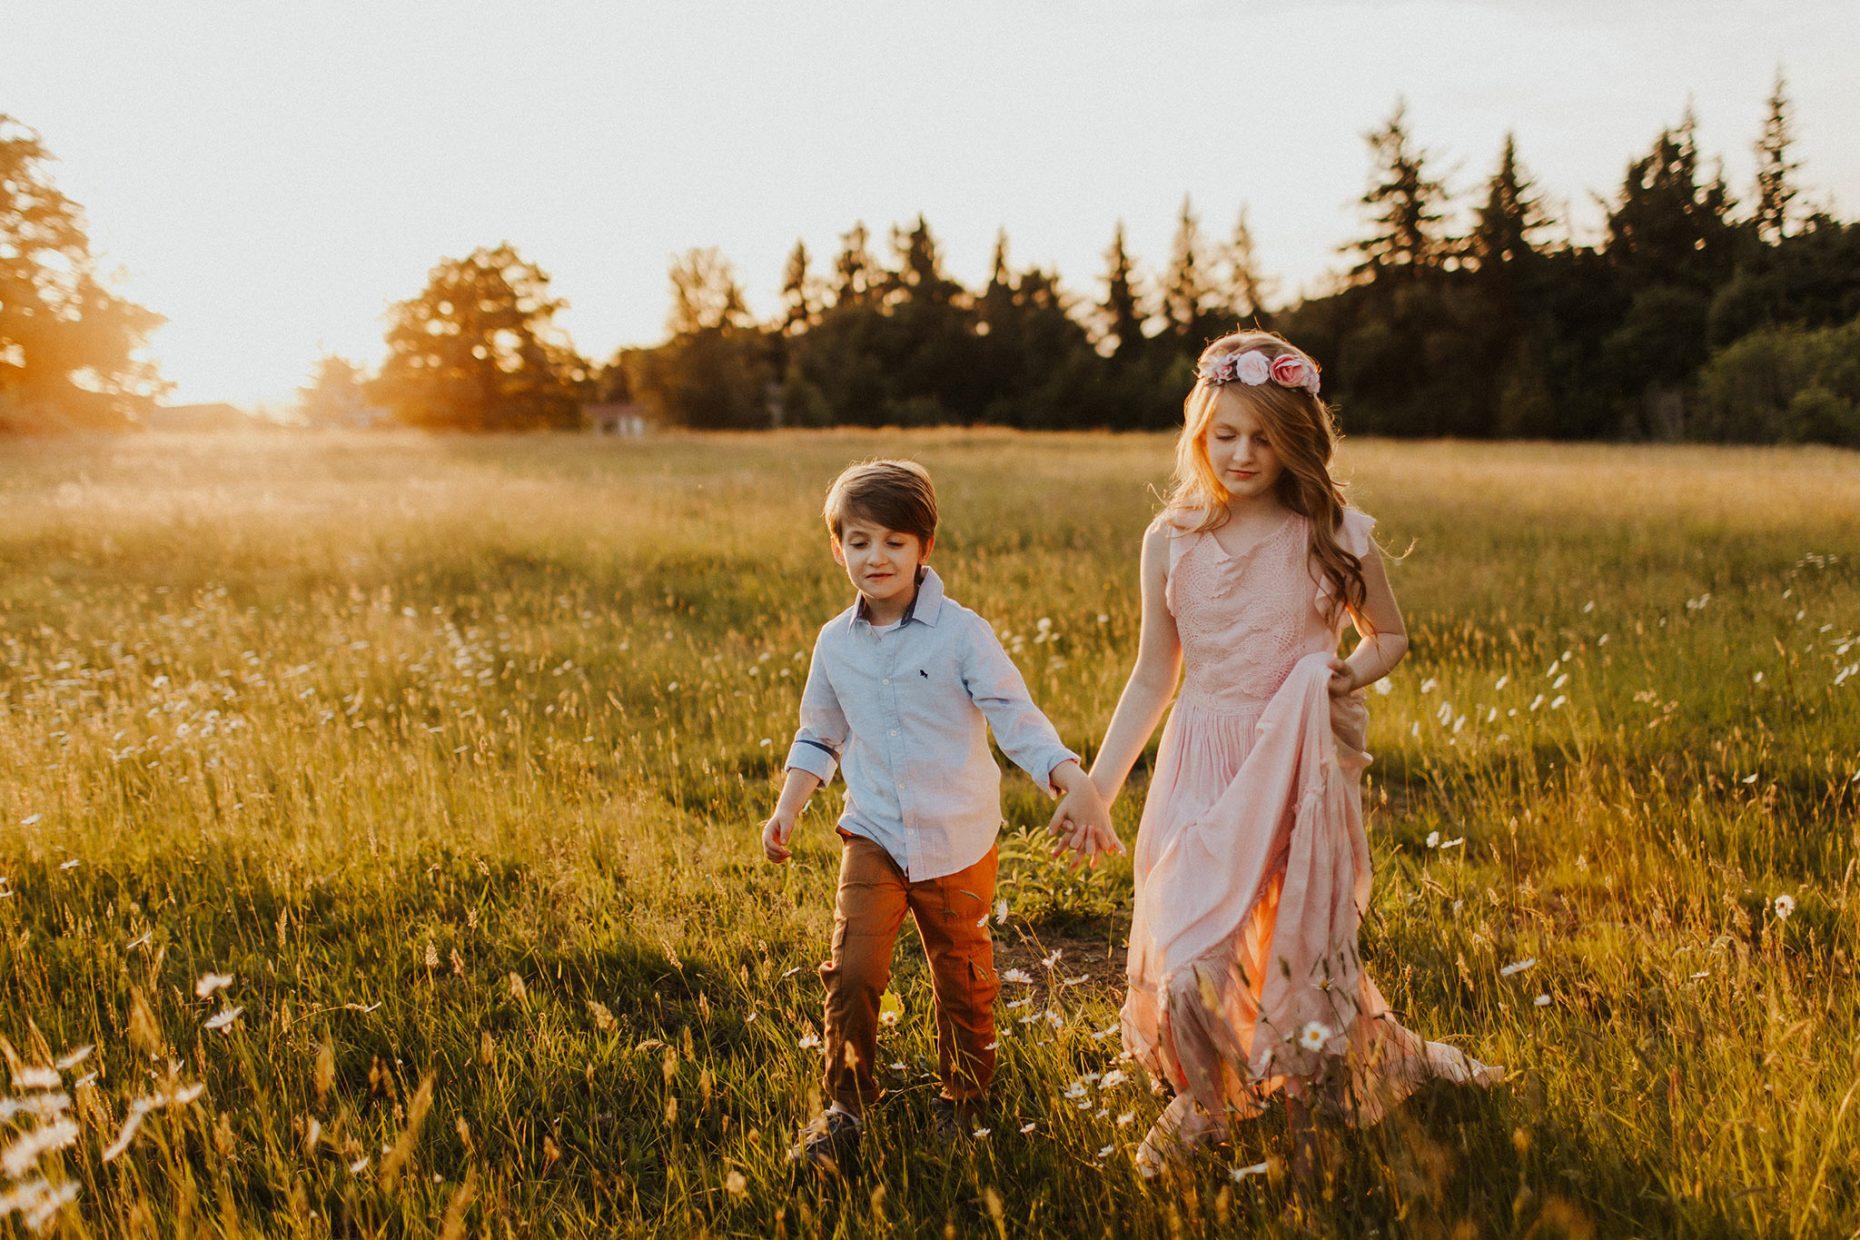 siblings walking in field of flowers - photo session in portland oregon